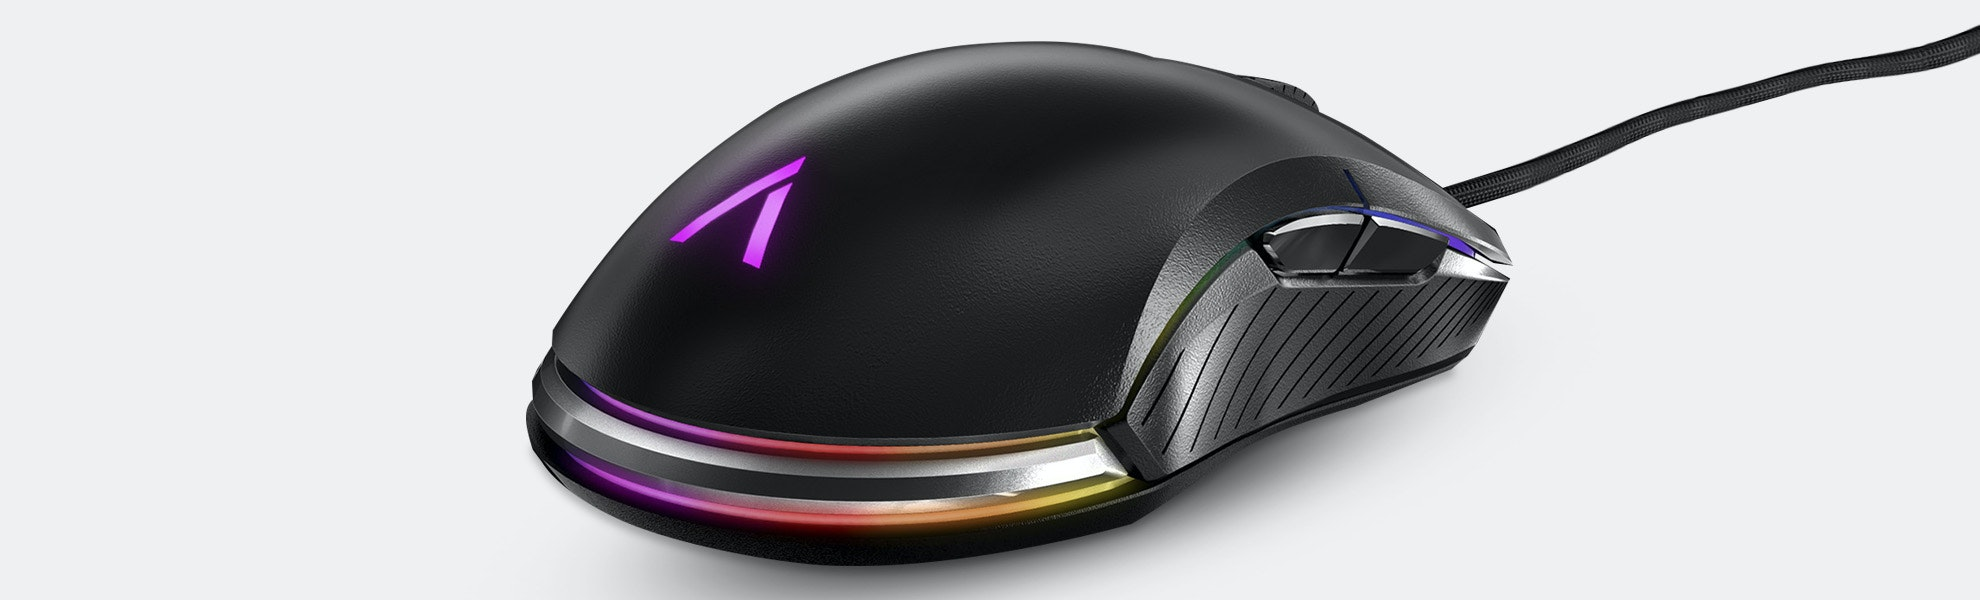 Azio Atom Ambidextrous RGB Gaming Mouse